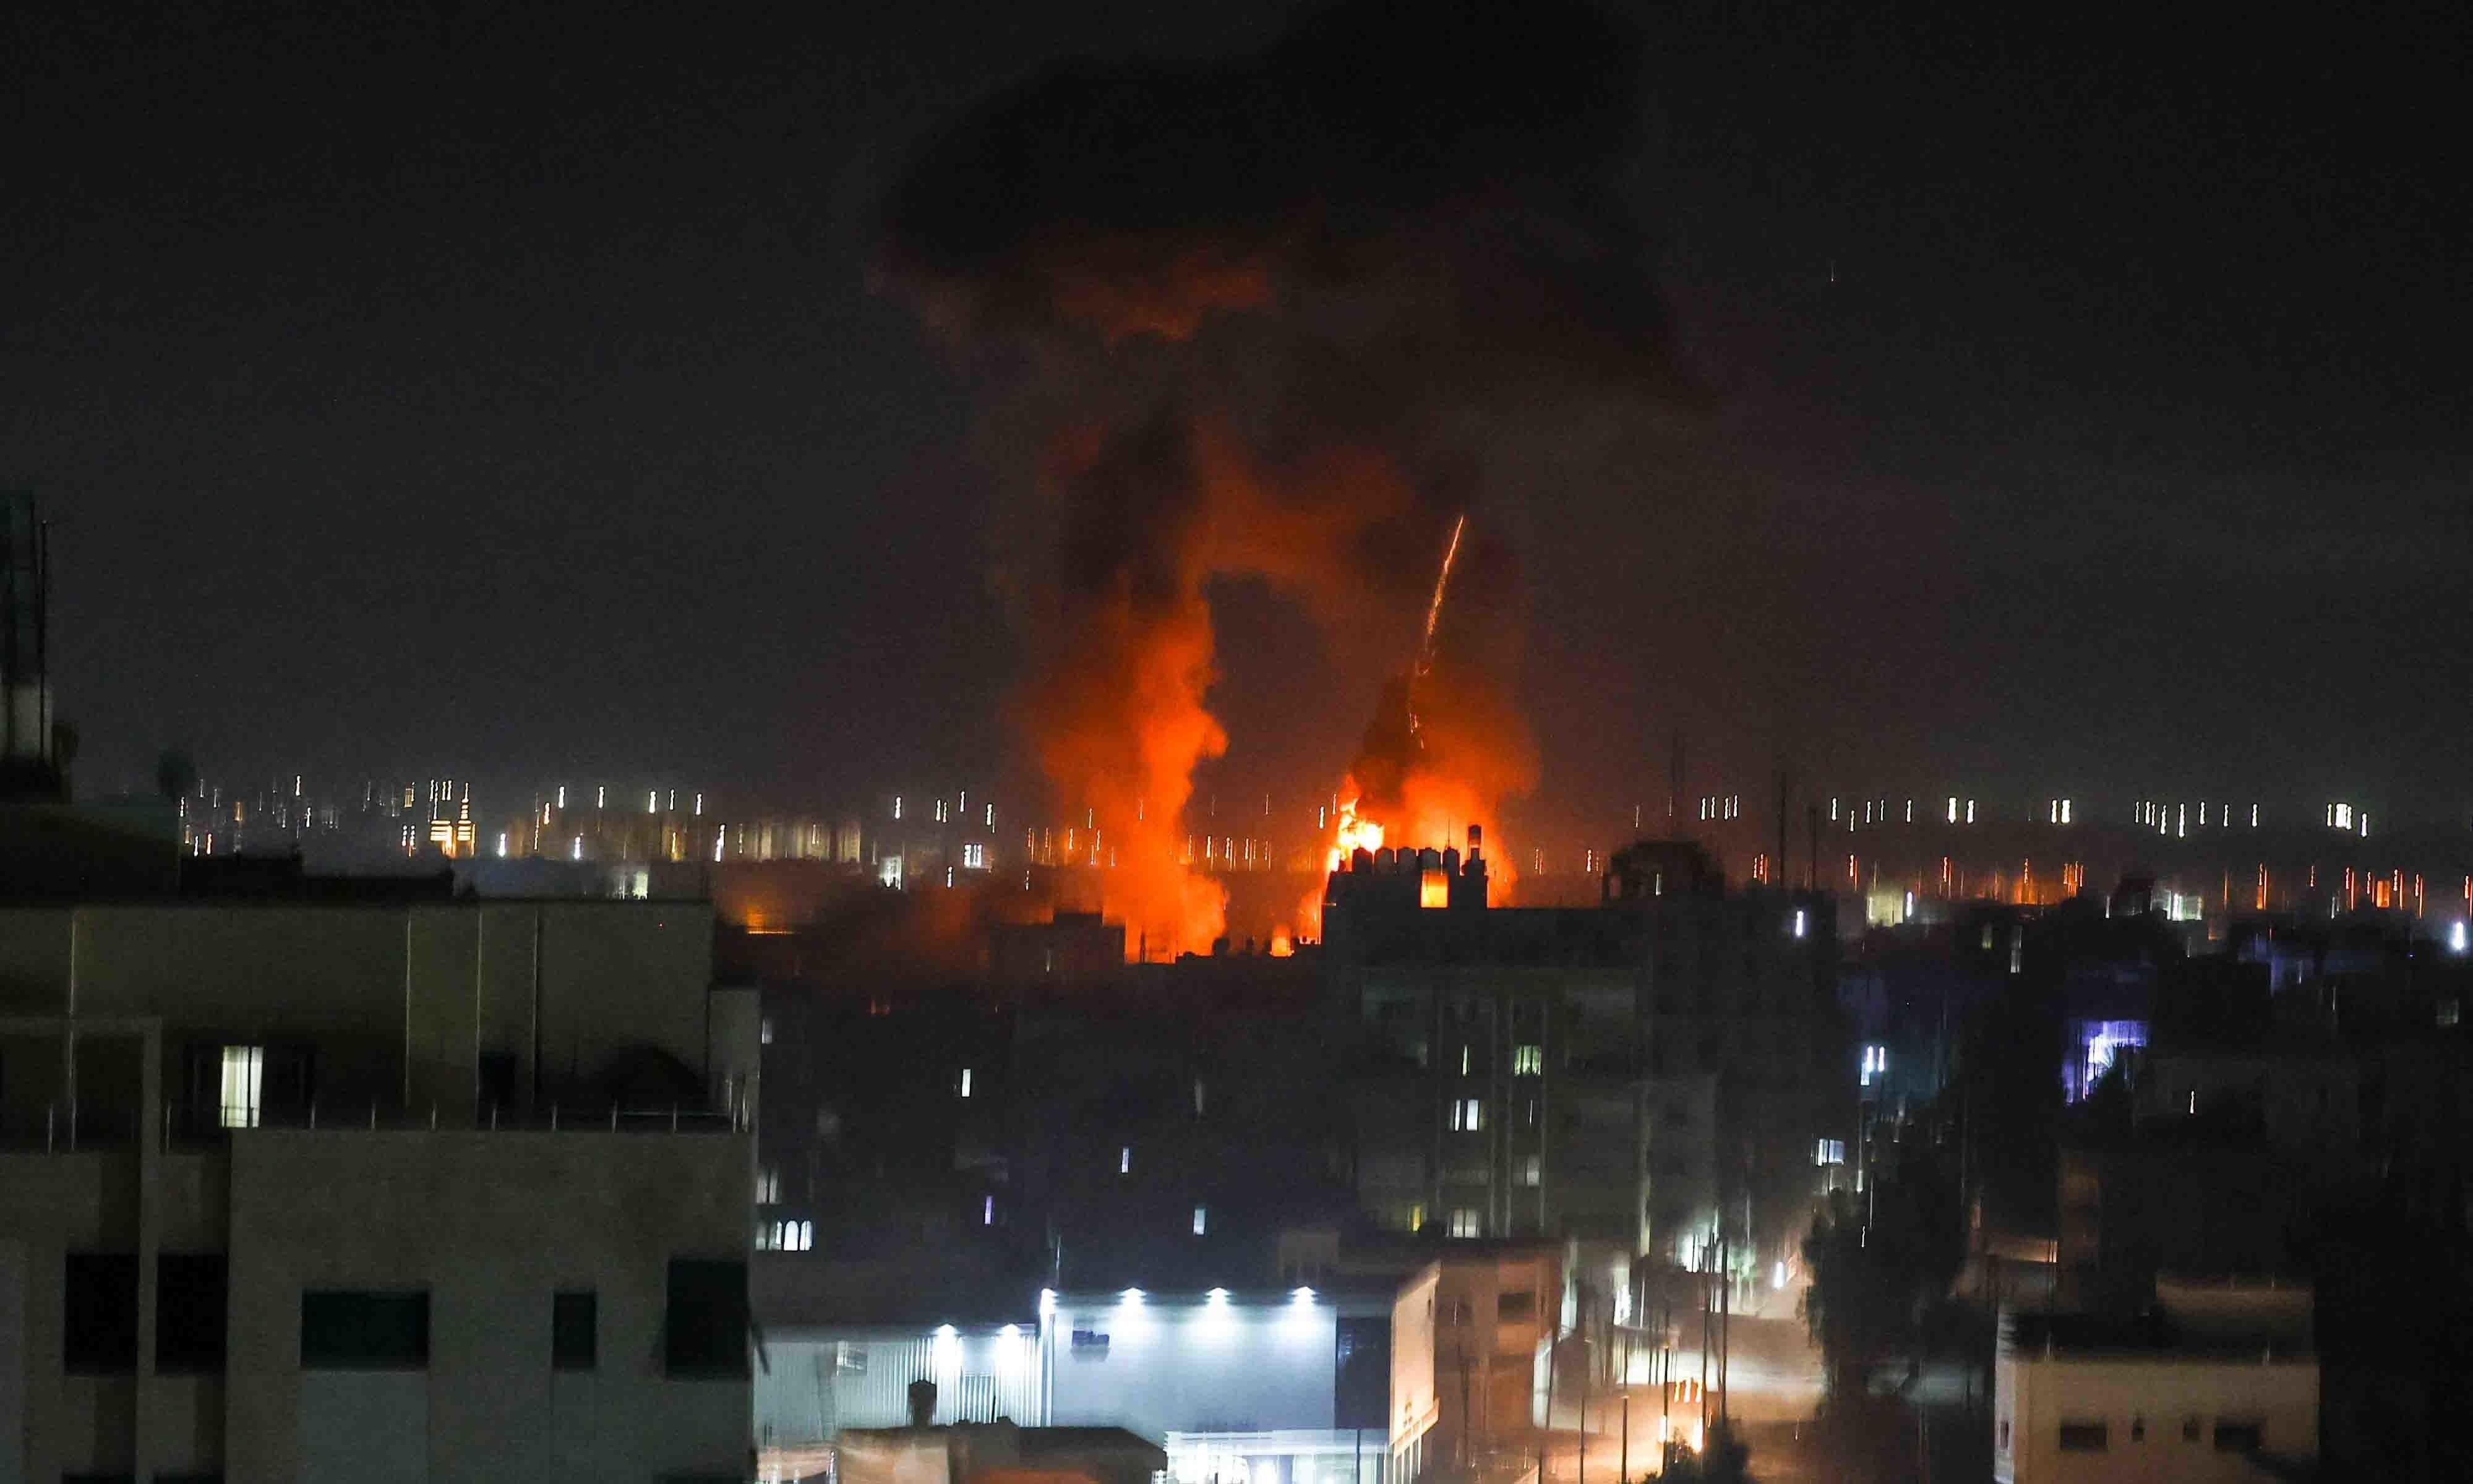 حماس کے غباروں کے جواب میں اسرائیل کے غزہ میں ایک بار پھر فضائی حملے